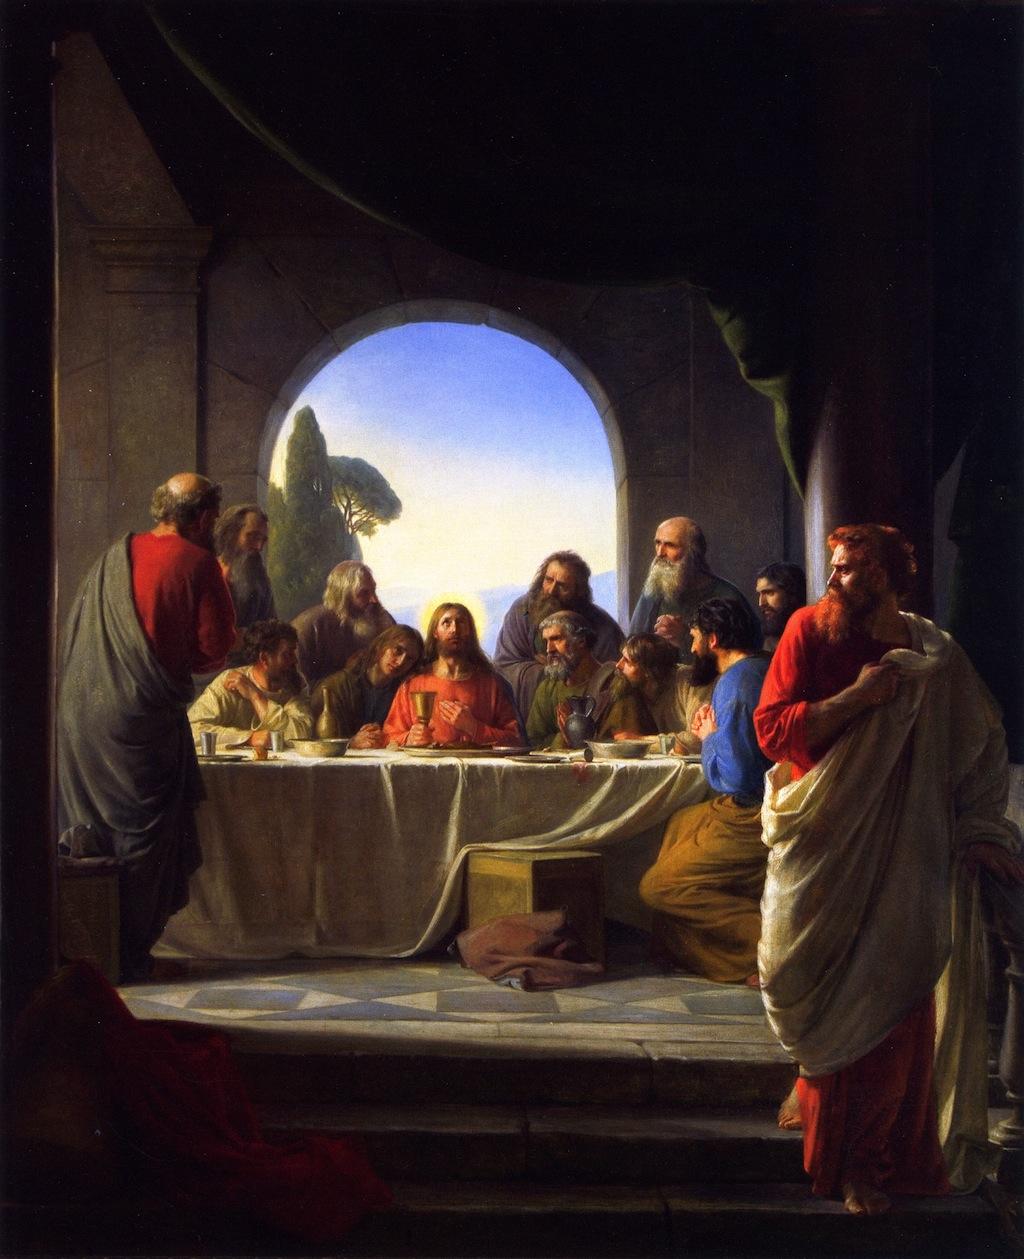 Das letzte Abendmahl, mit Judas vorne rechts, Carl Bloch, spätes 19. Jh. [public domain, via Wikimedia]